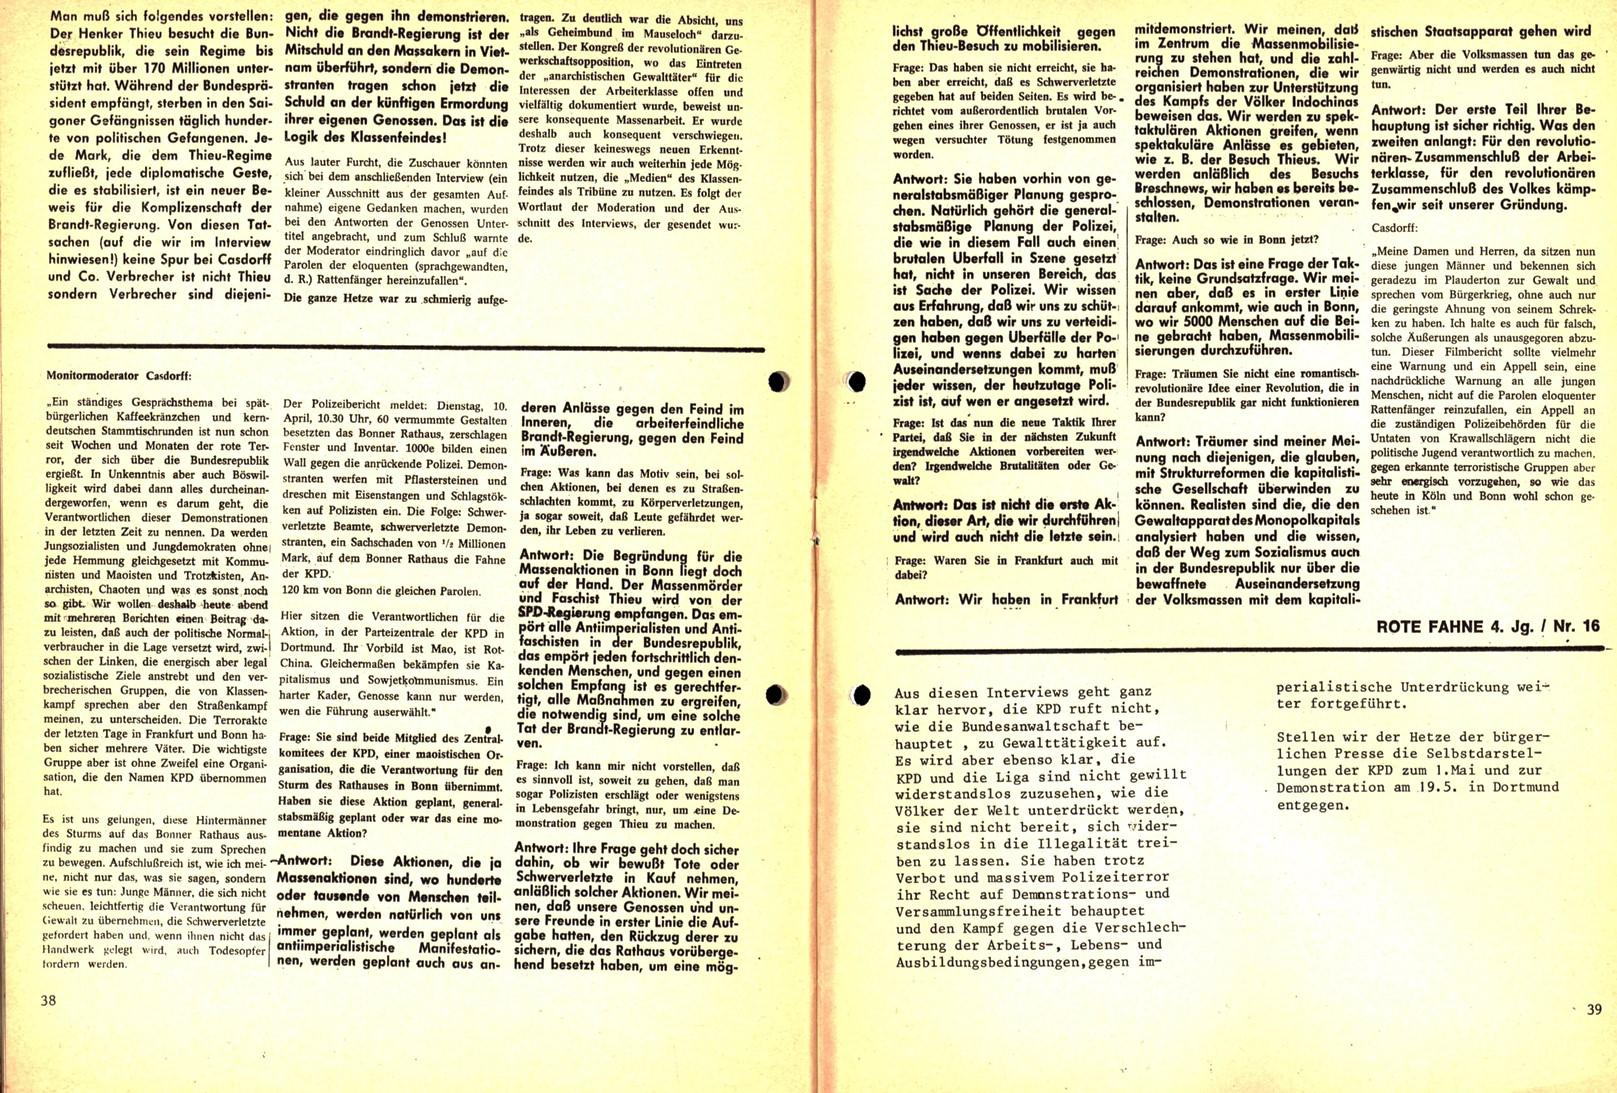 Komitee_Haende_weg_von_der_KPD_1973_Polizeijournalismus_20